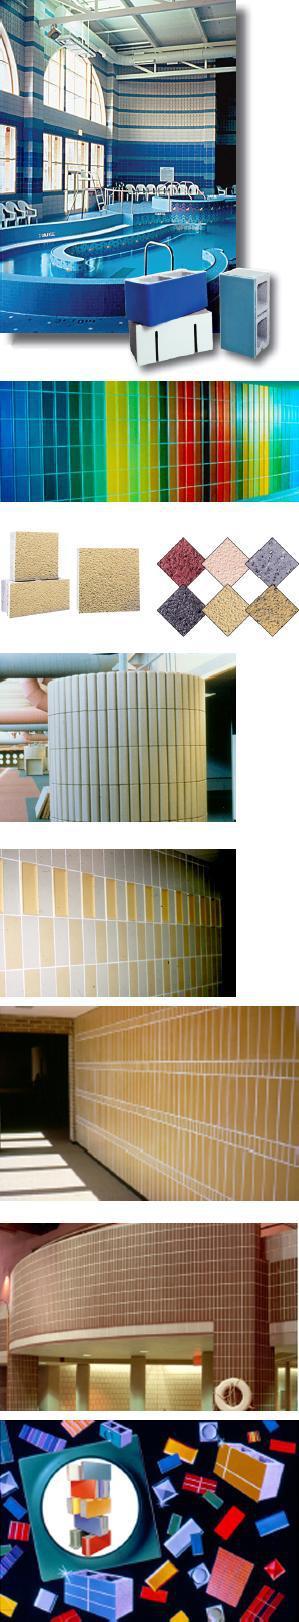 Spectra-Glaze® Glazed Concrete Block